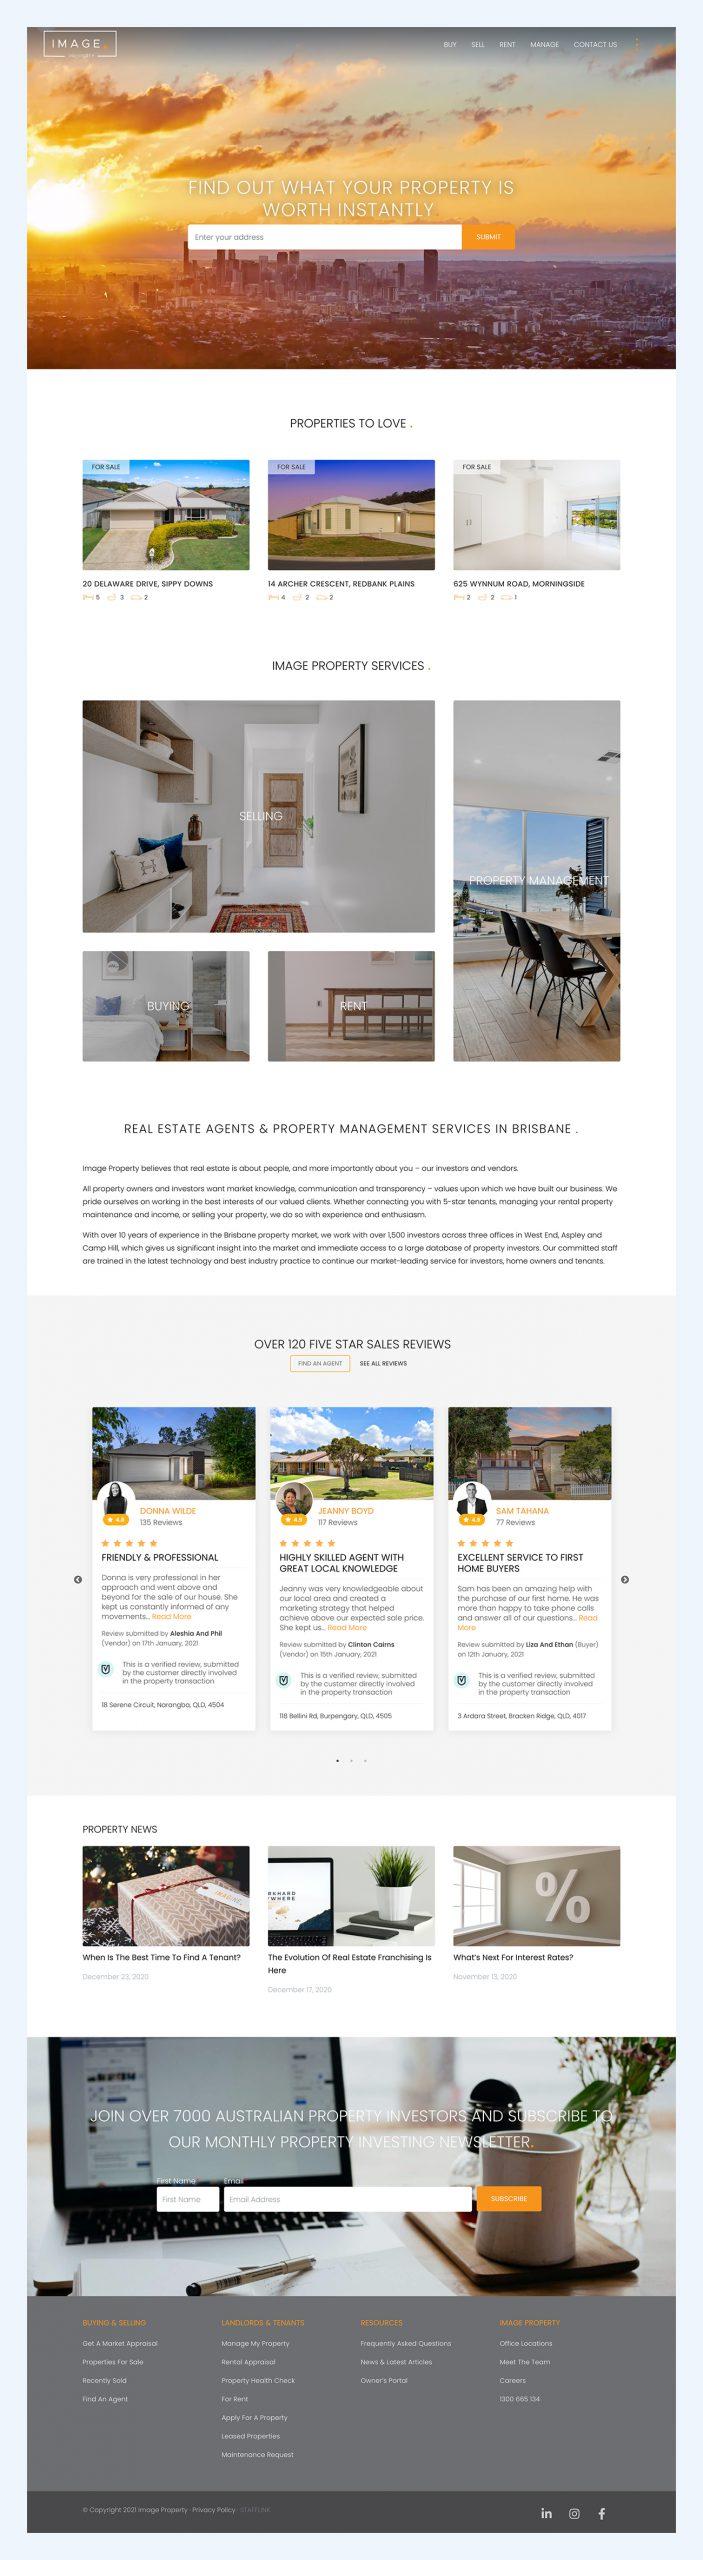 website design agent reviews